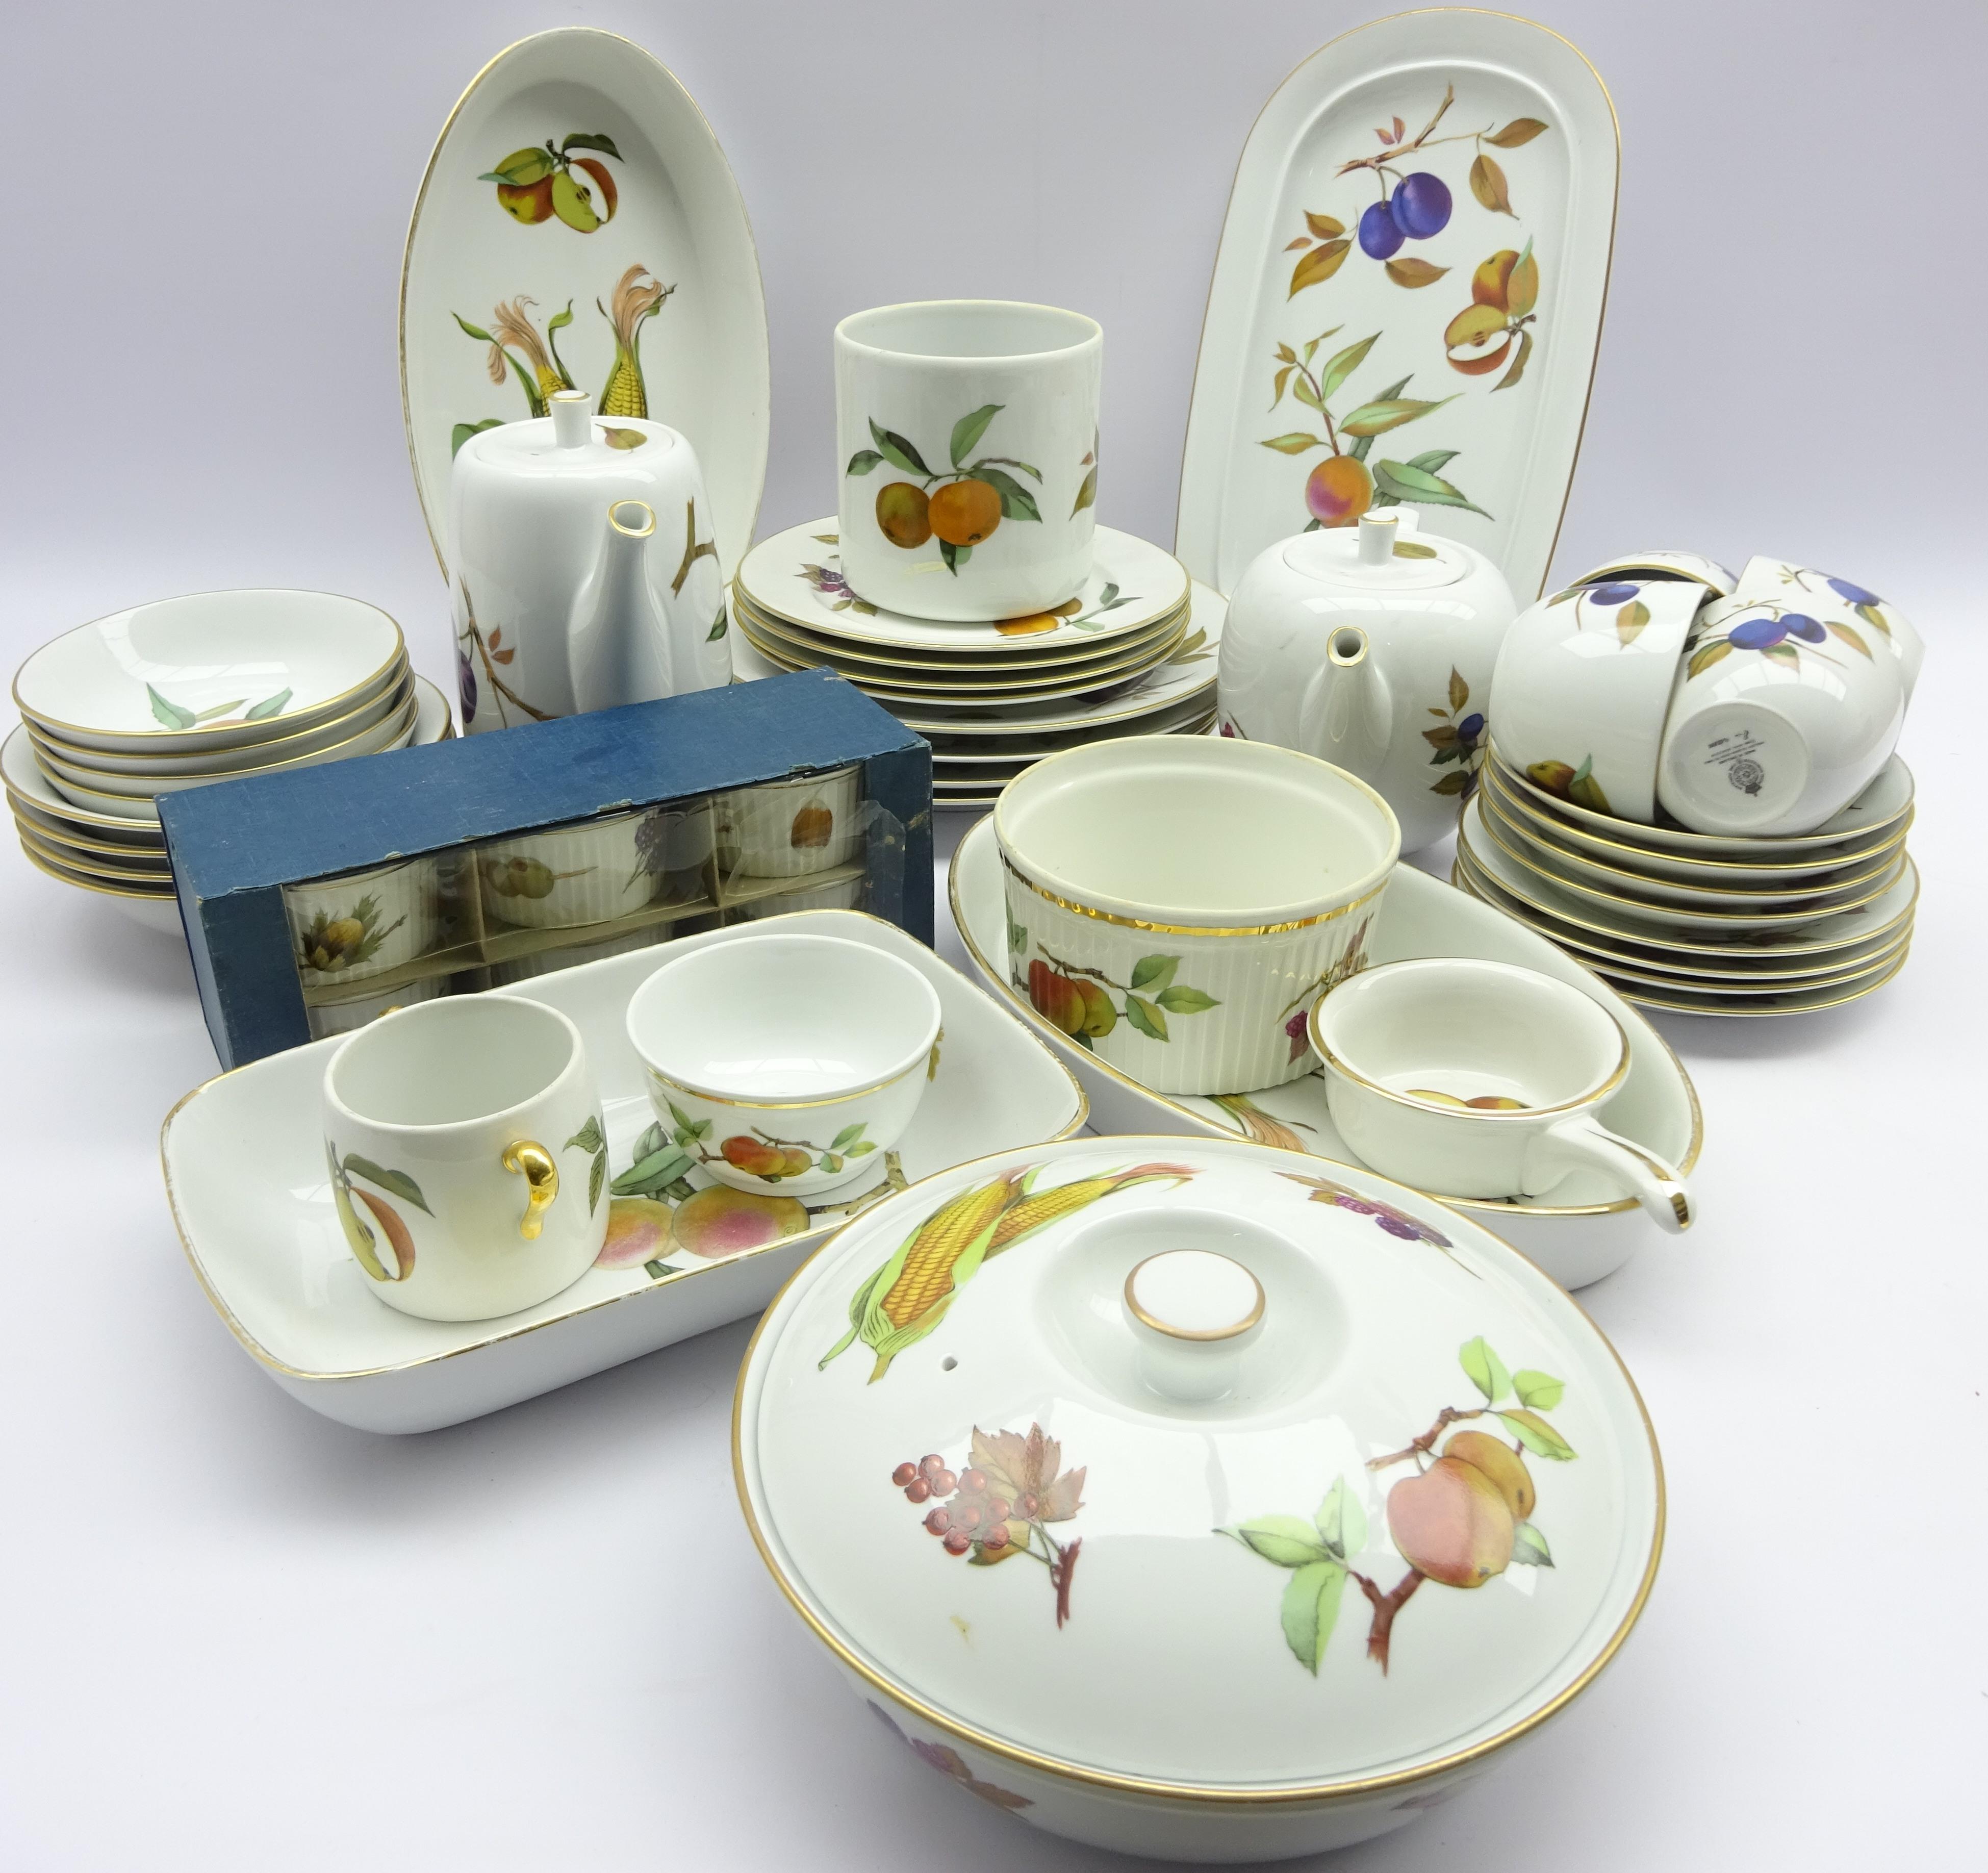 Lot 19 - Royal Worcester 'Evesham' tea and dinner service,